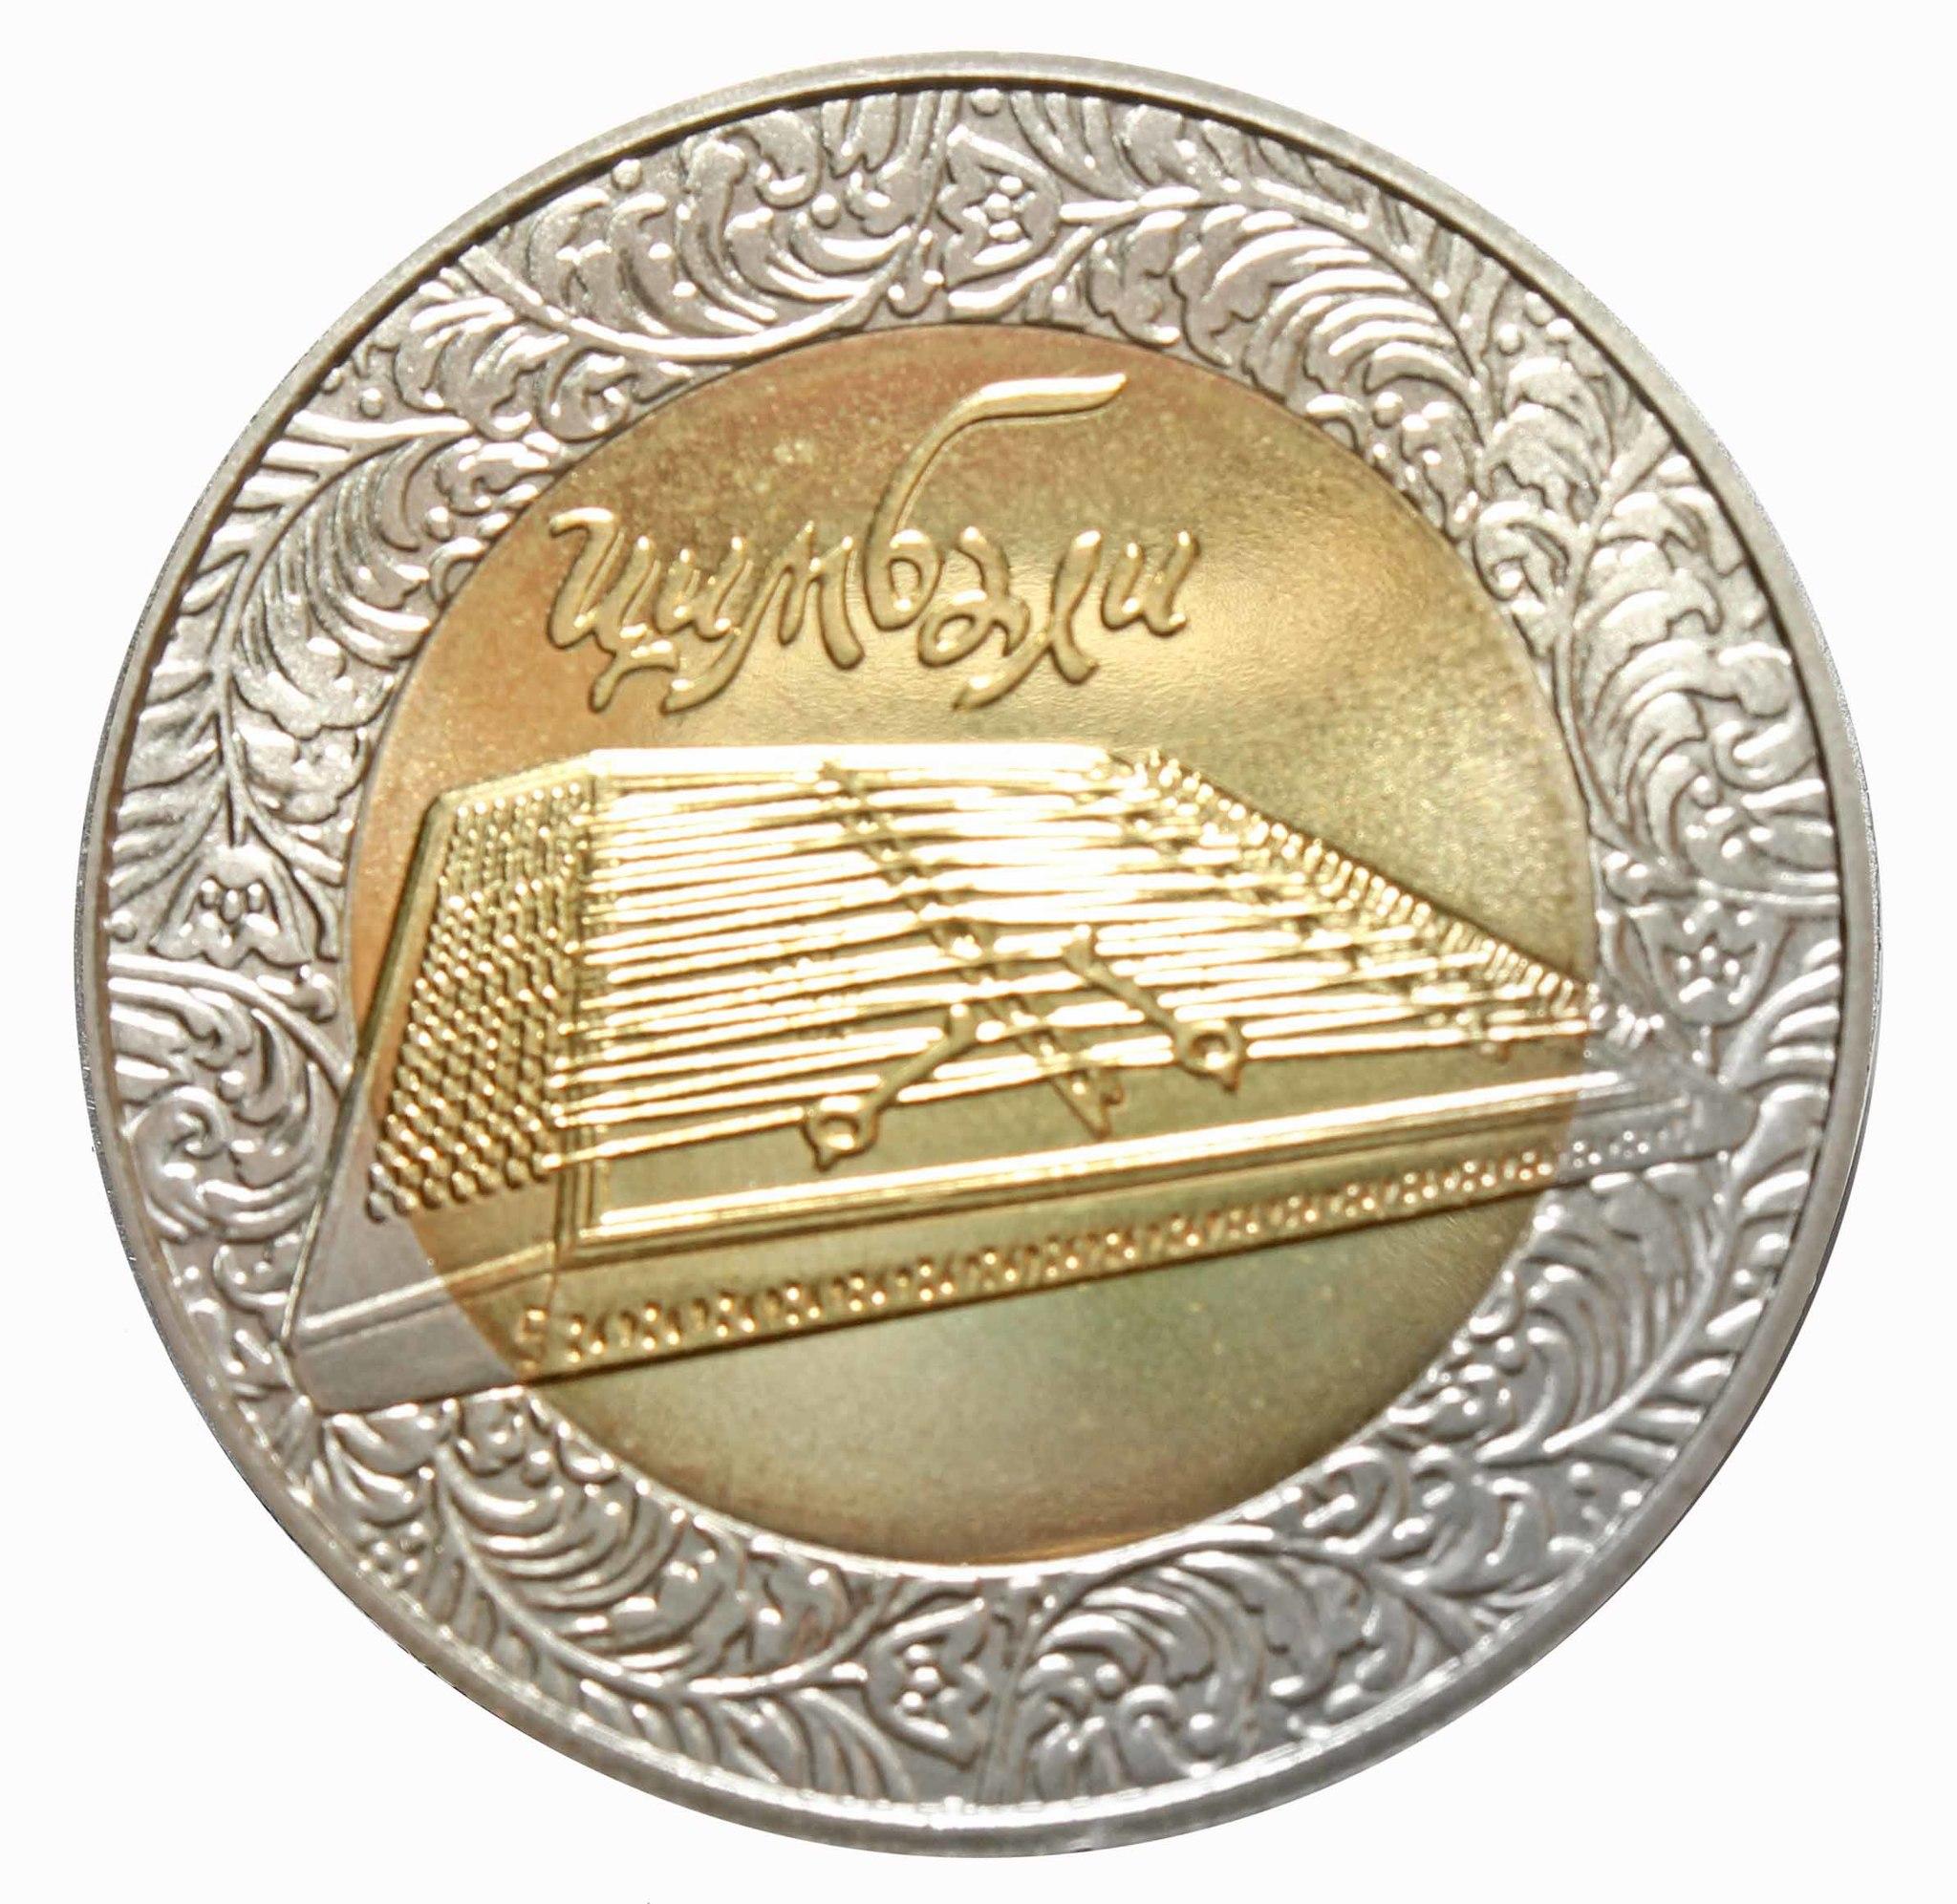 """5 гривен """"Цимбали"""" 2006 год"""